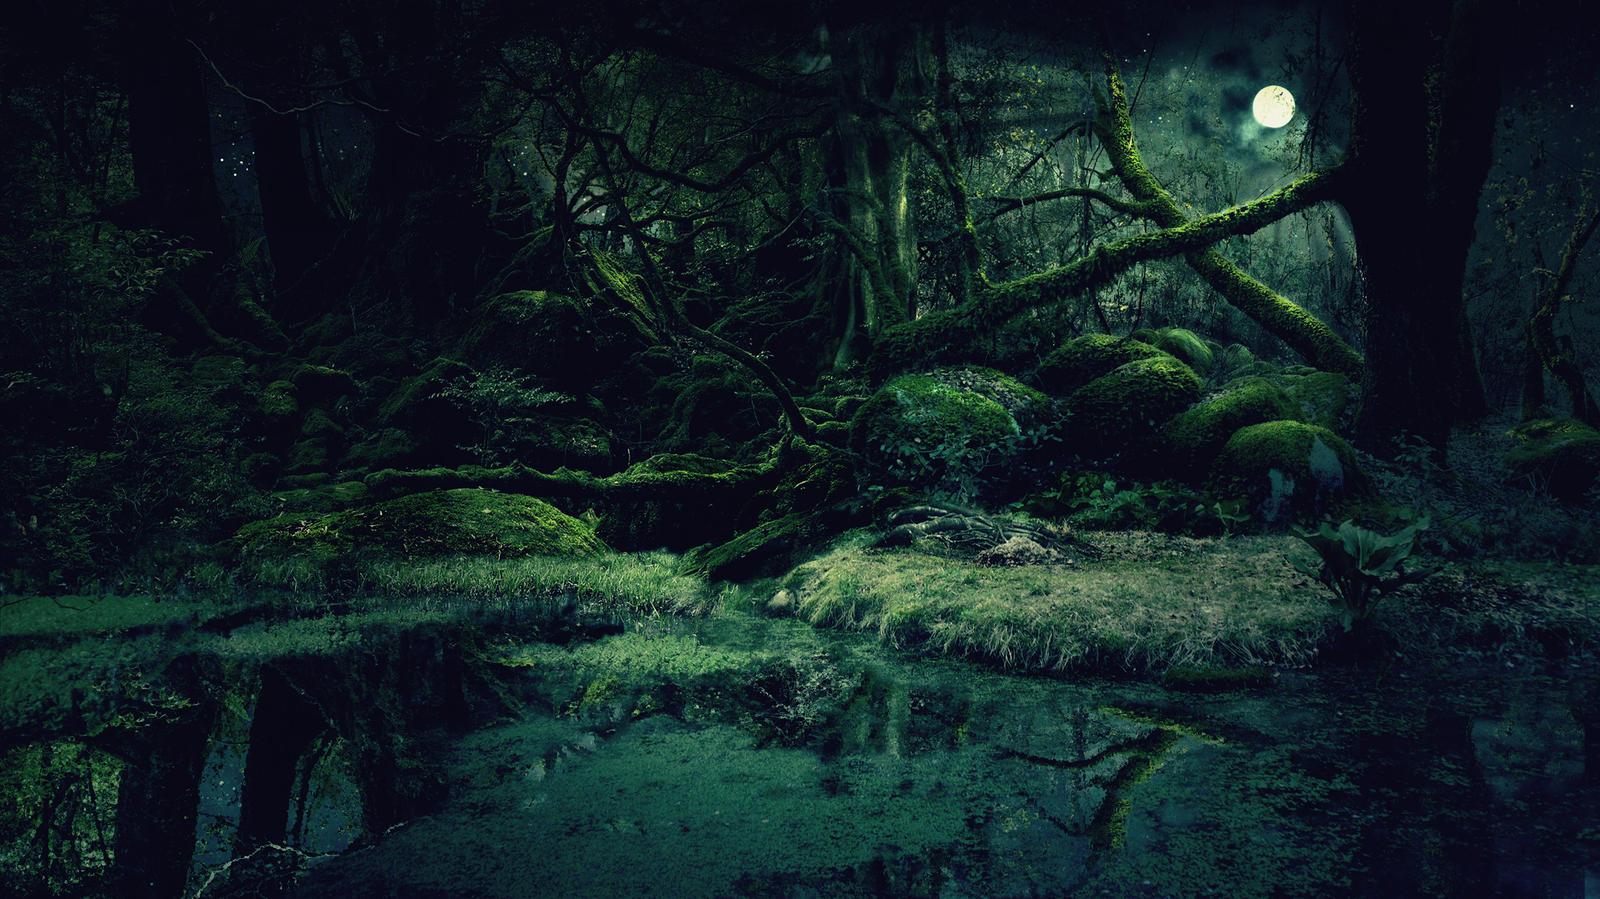 forest background by vashar23 on deviantart